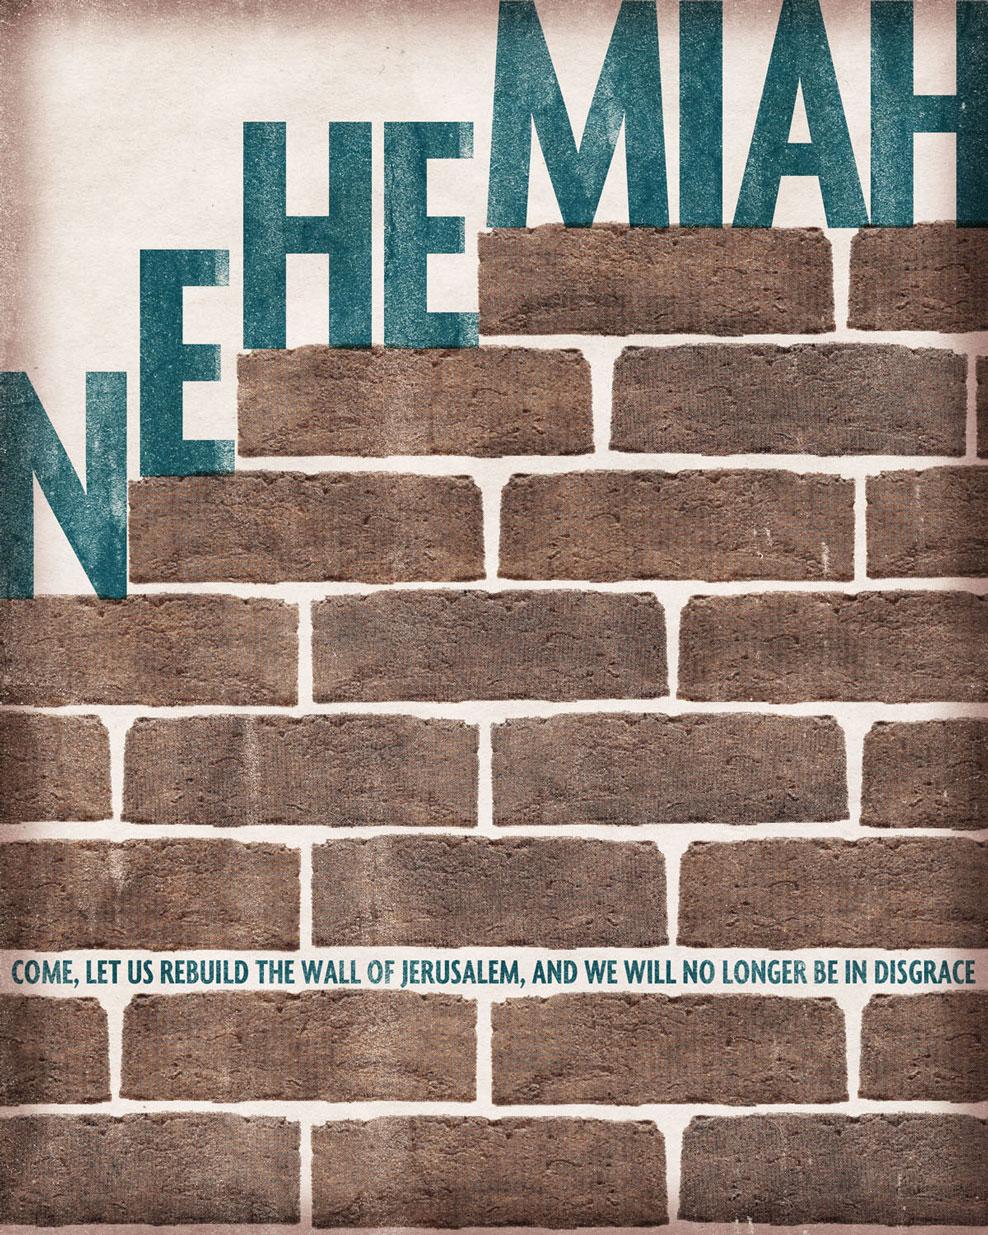 16-Nehemiah_Jim-LePage.jpg